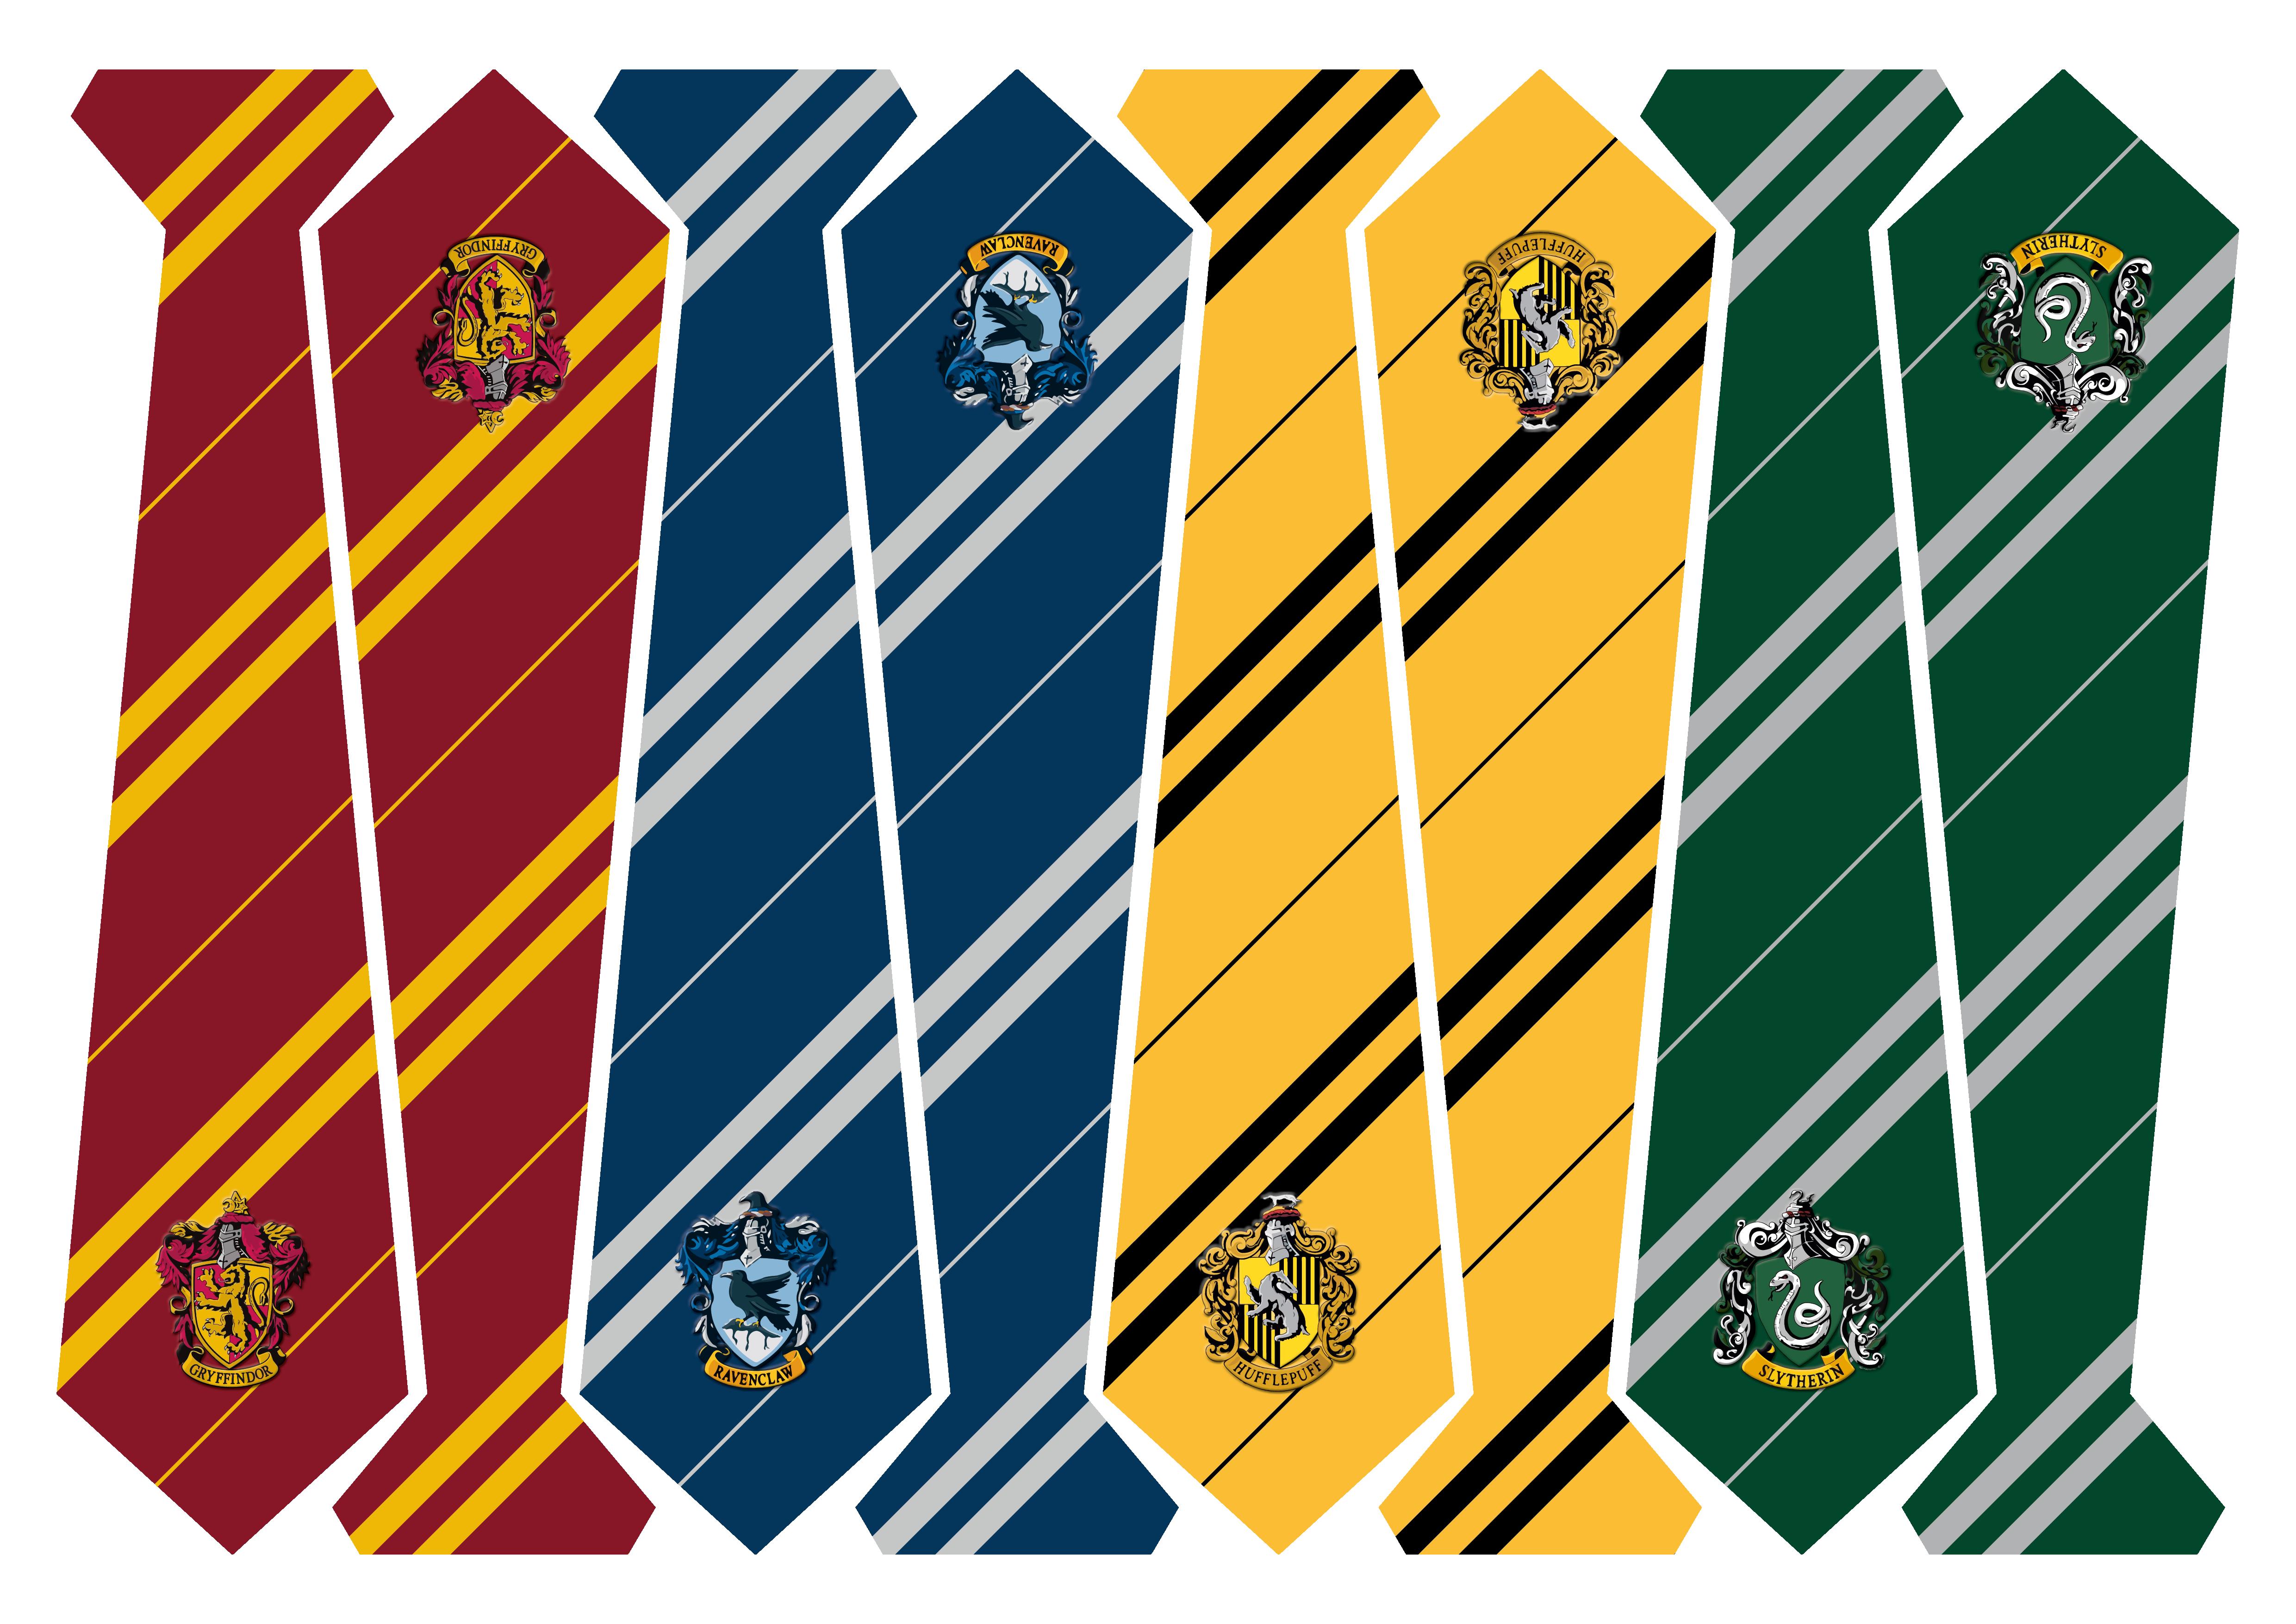 Harry-Potter Krawatten um Ausdrucken auf A3 | HOGWARTS FASHION by ...